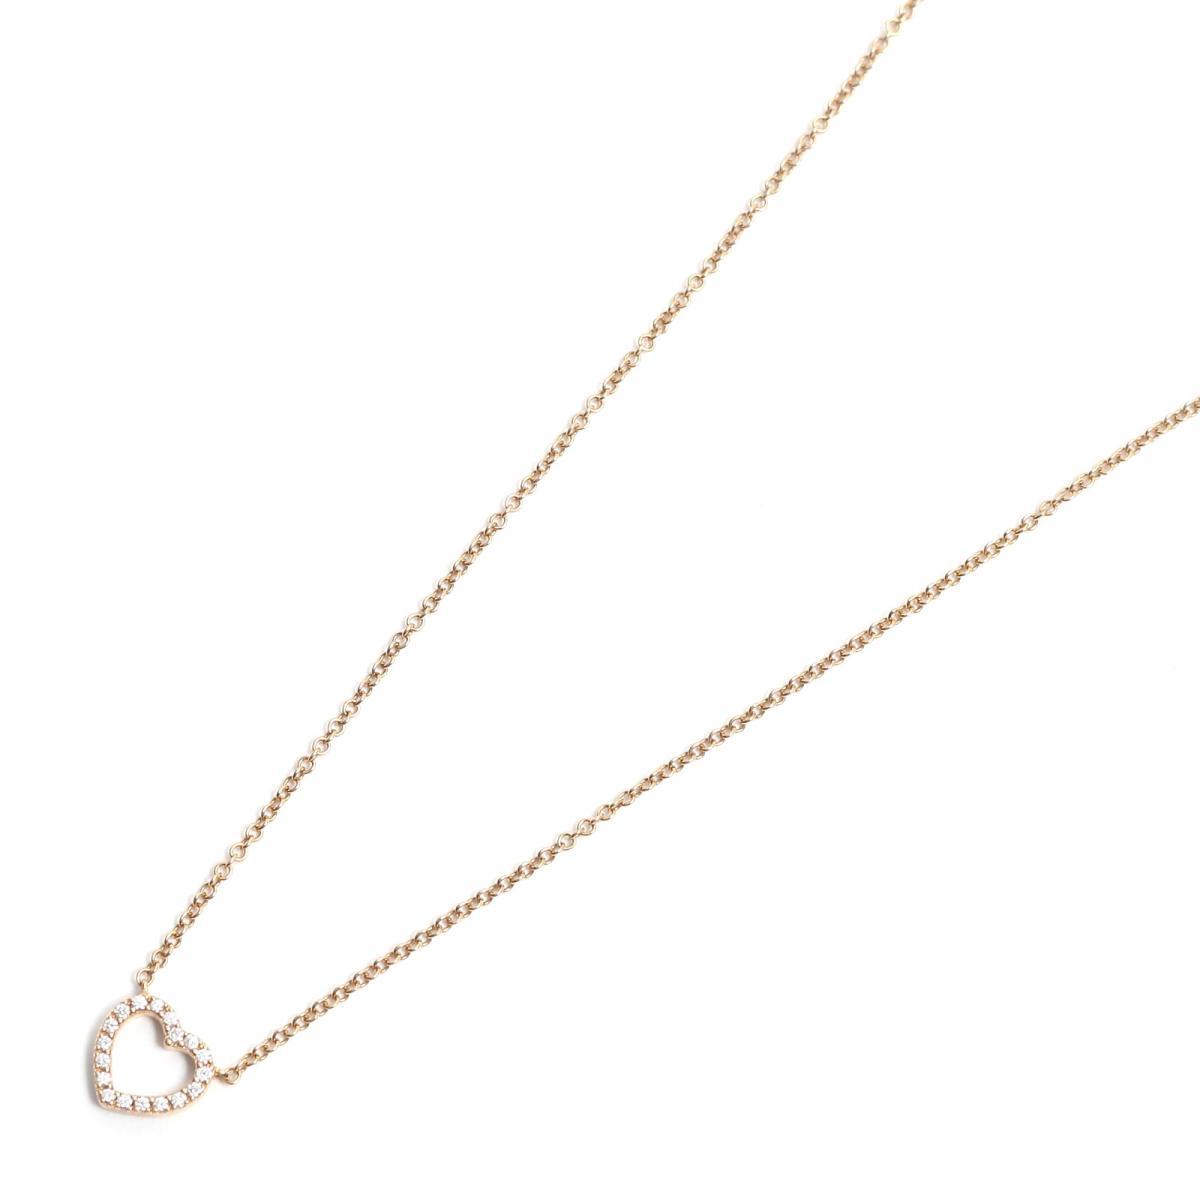 ティファニー メトロハートネックレス ブランドジュエリー レディース K18PG (750) ピンクゴールド x ダイヤモンド 【中古】 | TIFFANY&CO BRANDOFF ブランドオフ ブランド アクセサリー ネックレス ペンダント